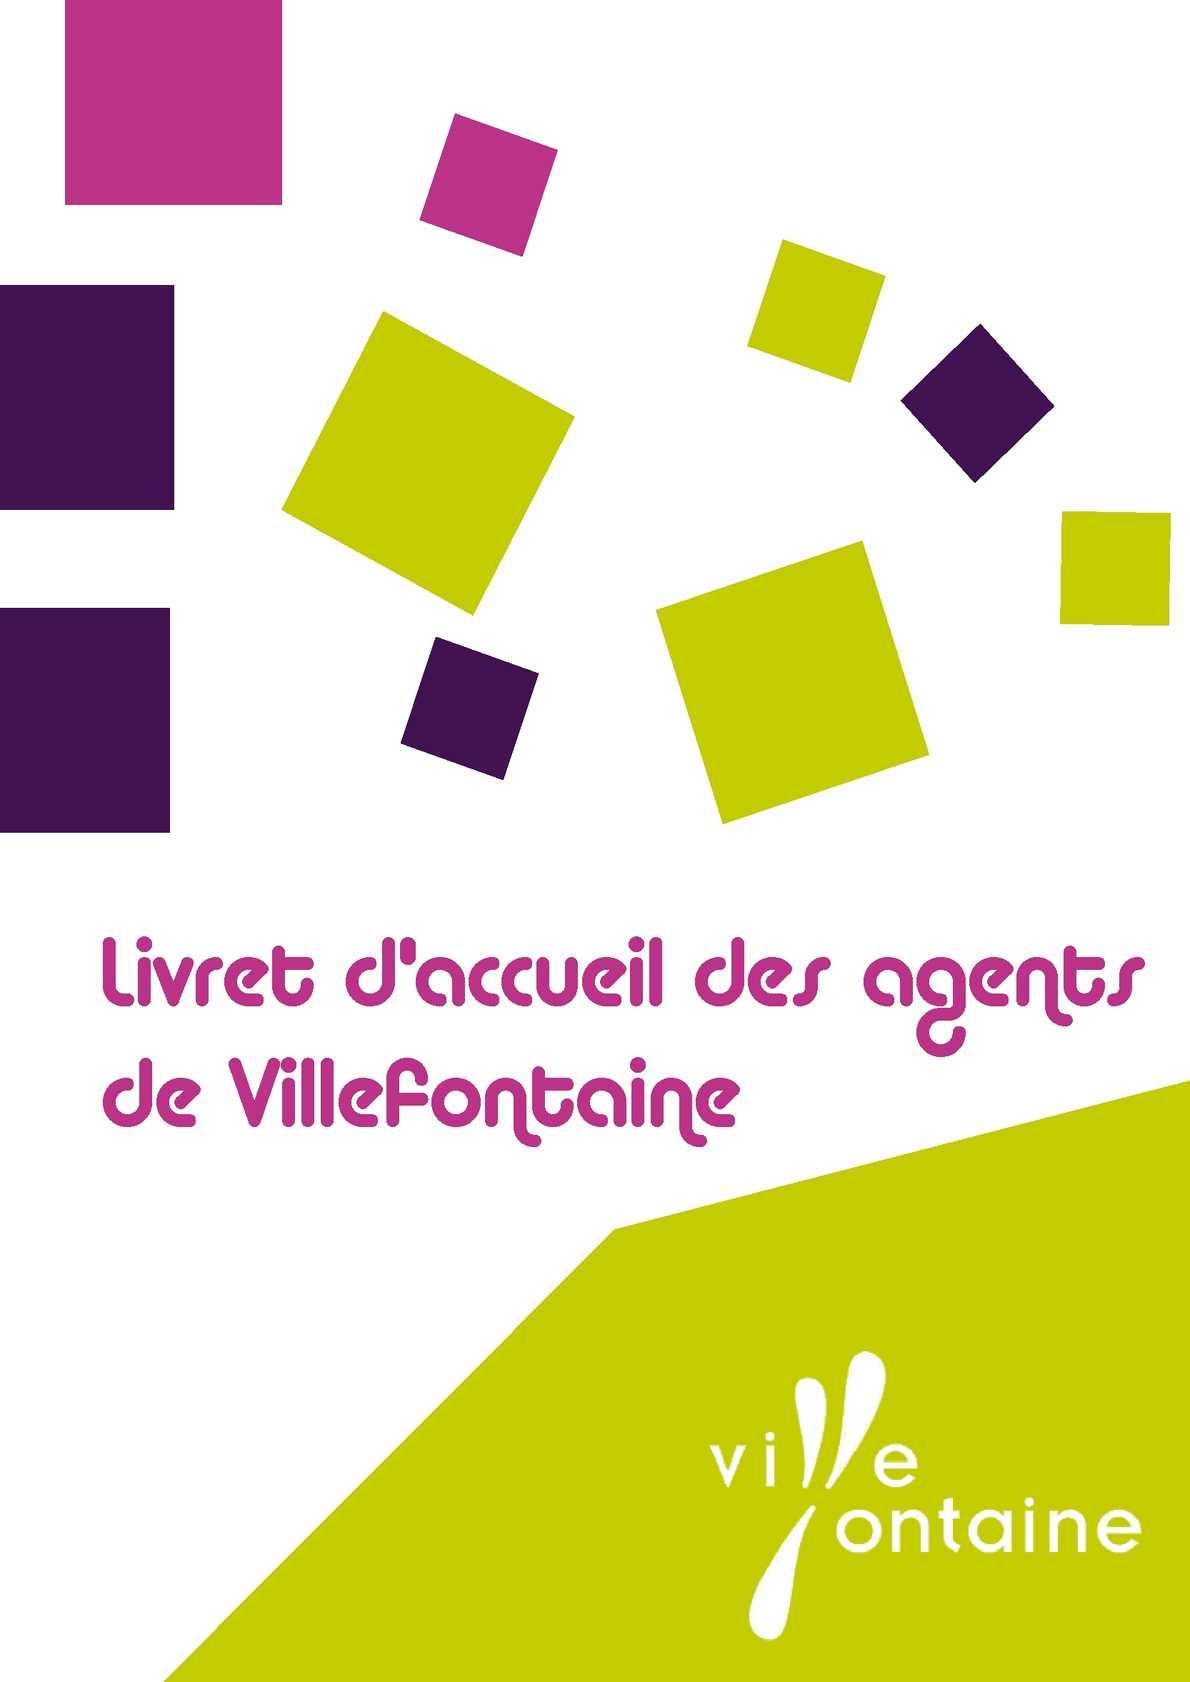 Livret d'accueil des agents de Villefontaine